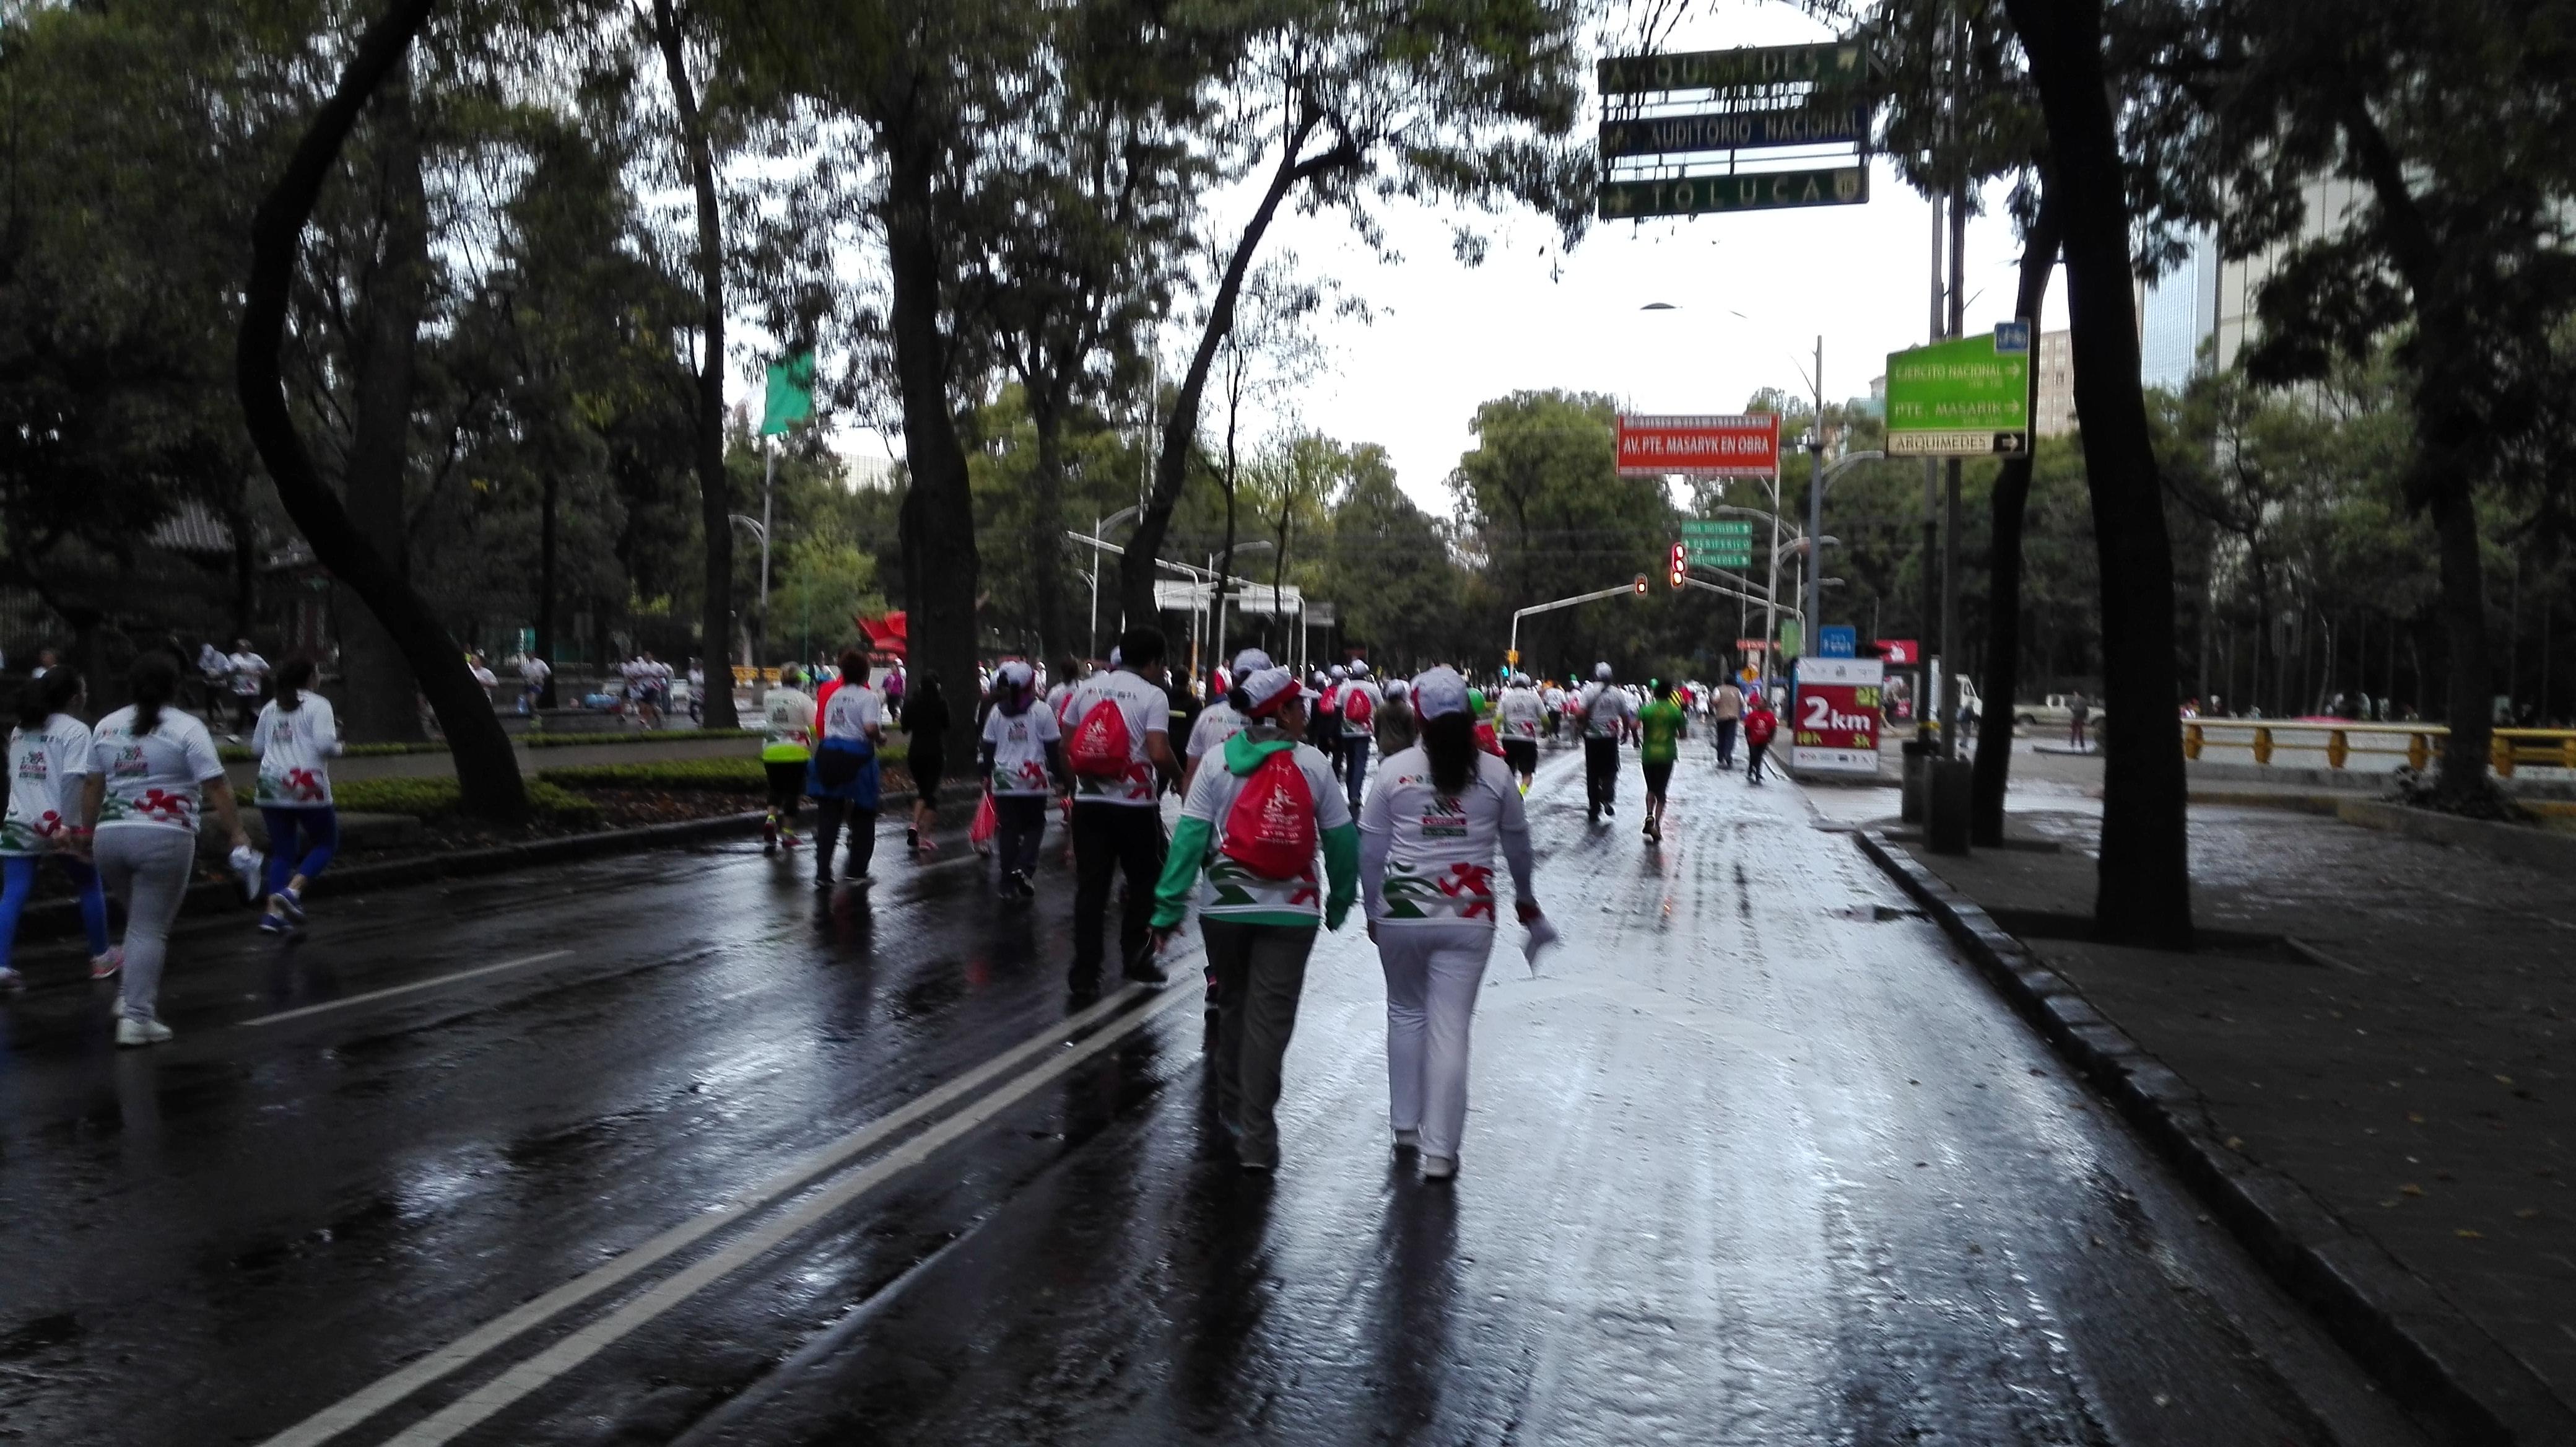 Inicia a las 07:00 horas. La salida y meta será la explanada de la Estela de Luz, frente a la entrada de los Leones del Bosque de Chapultepec.